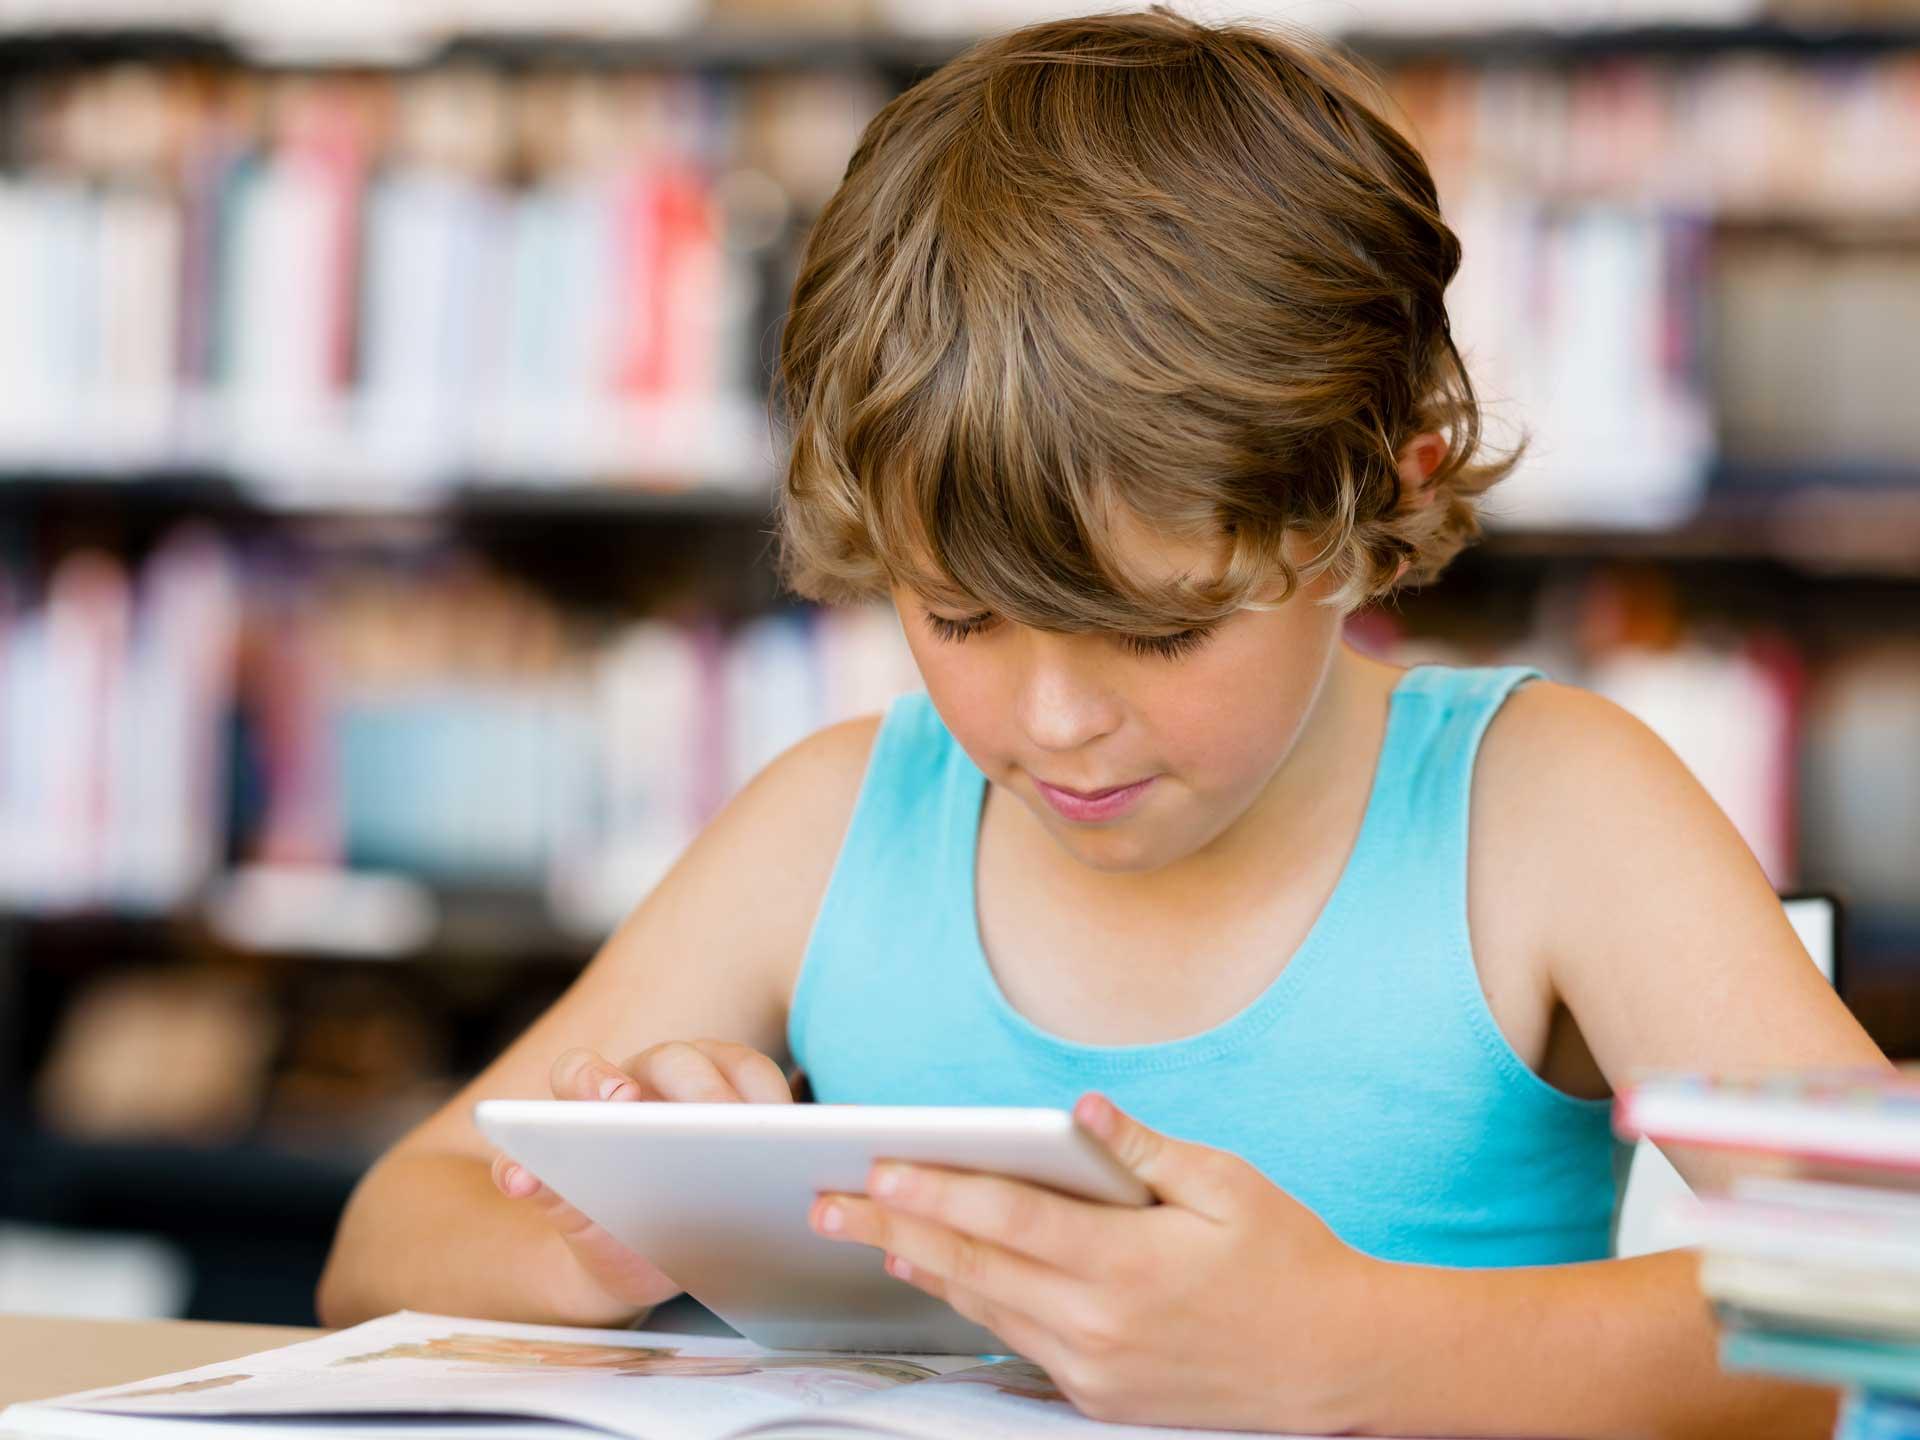 Consells de salut visual per a un exitós retorn a l'escola